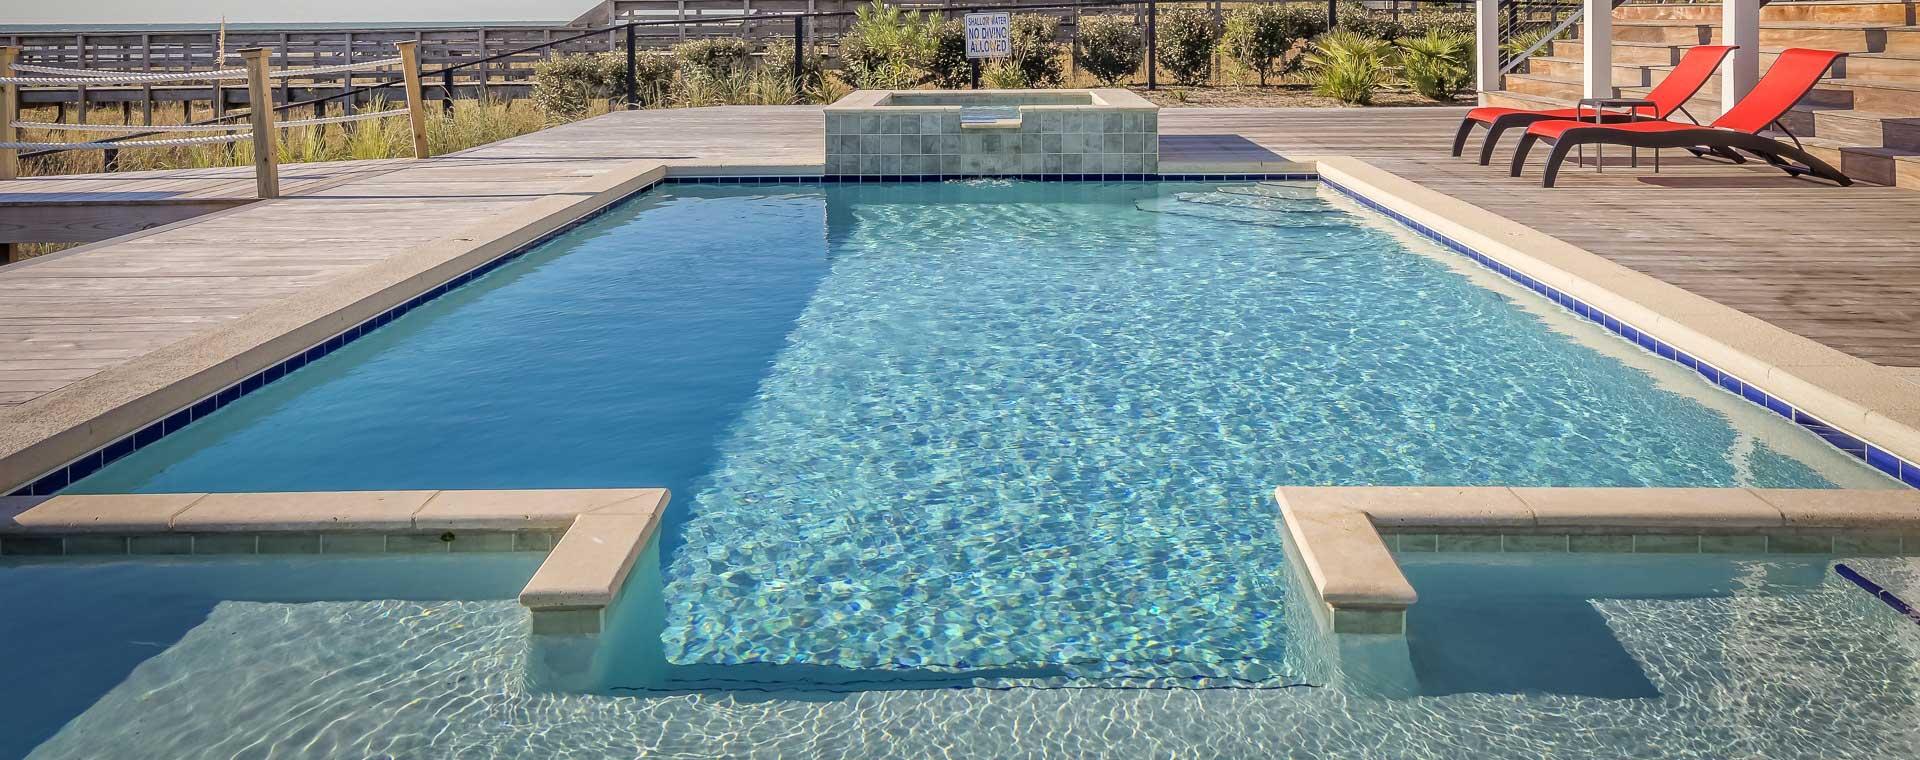 Piscine belle votre sp cialiste piscine poitiers dans for Specialiste piscine